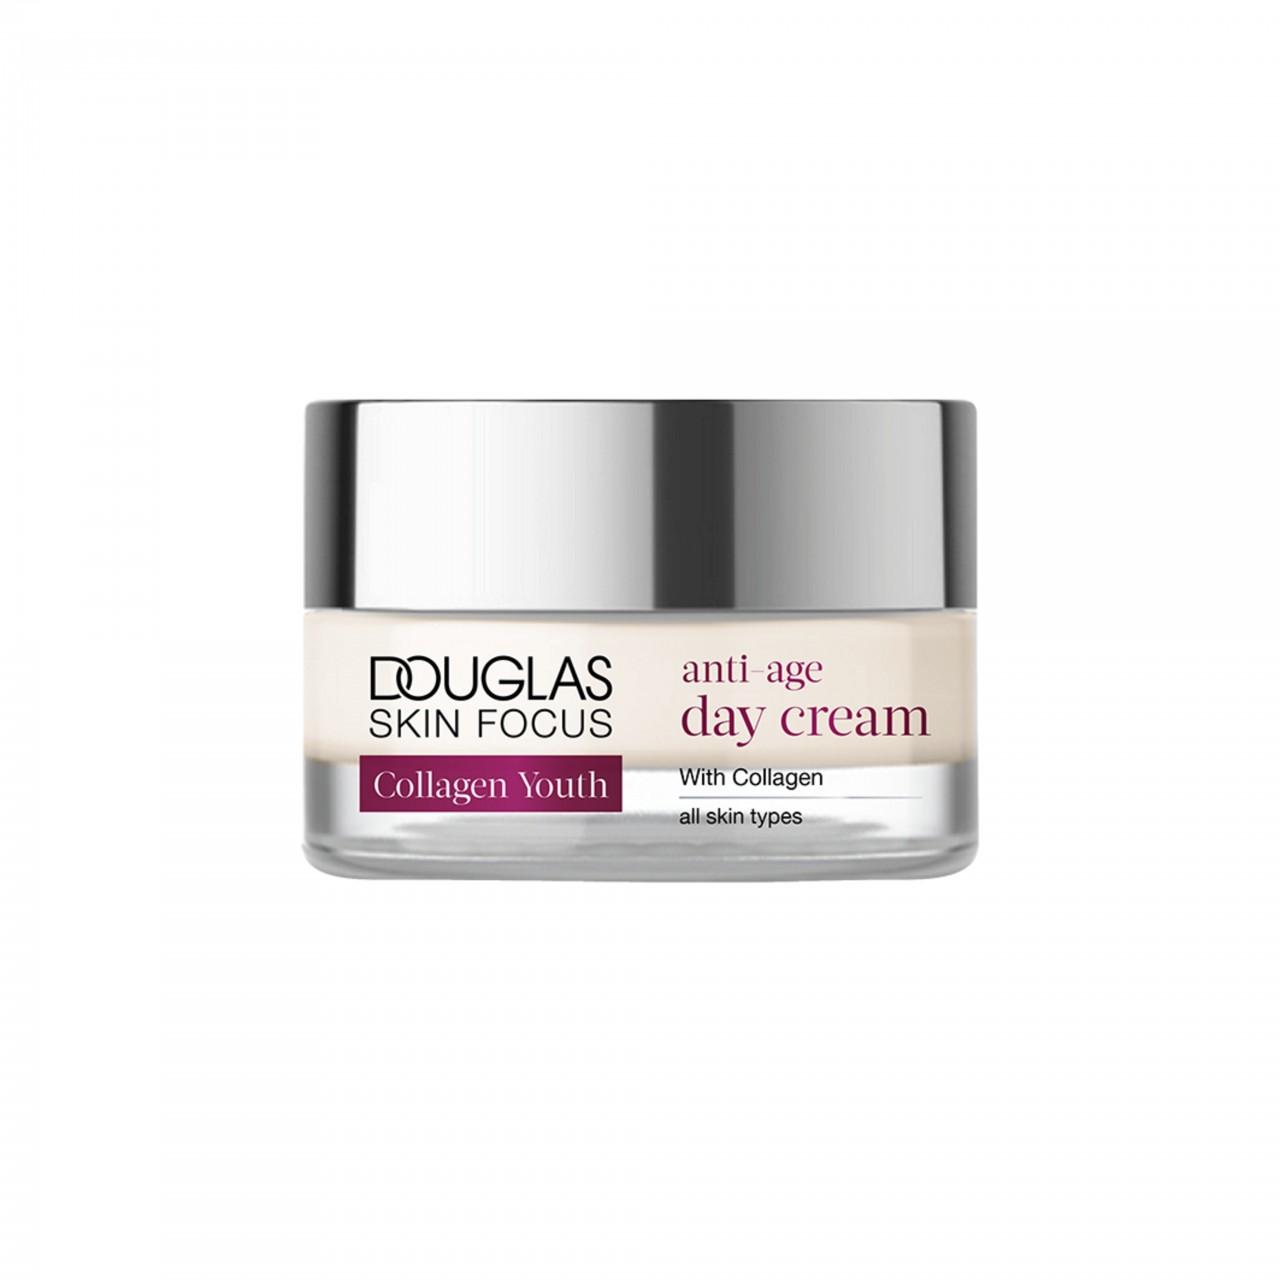 Douglas Focus Anti-Age Day Cream